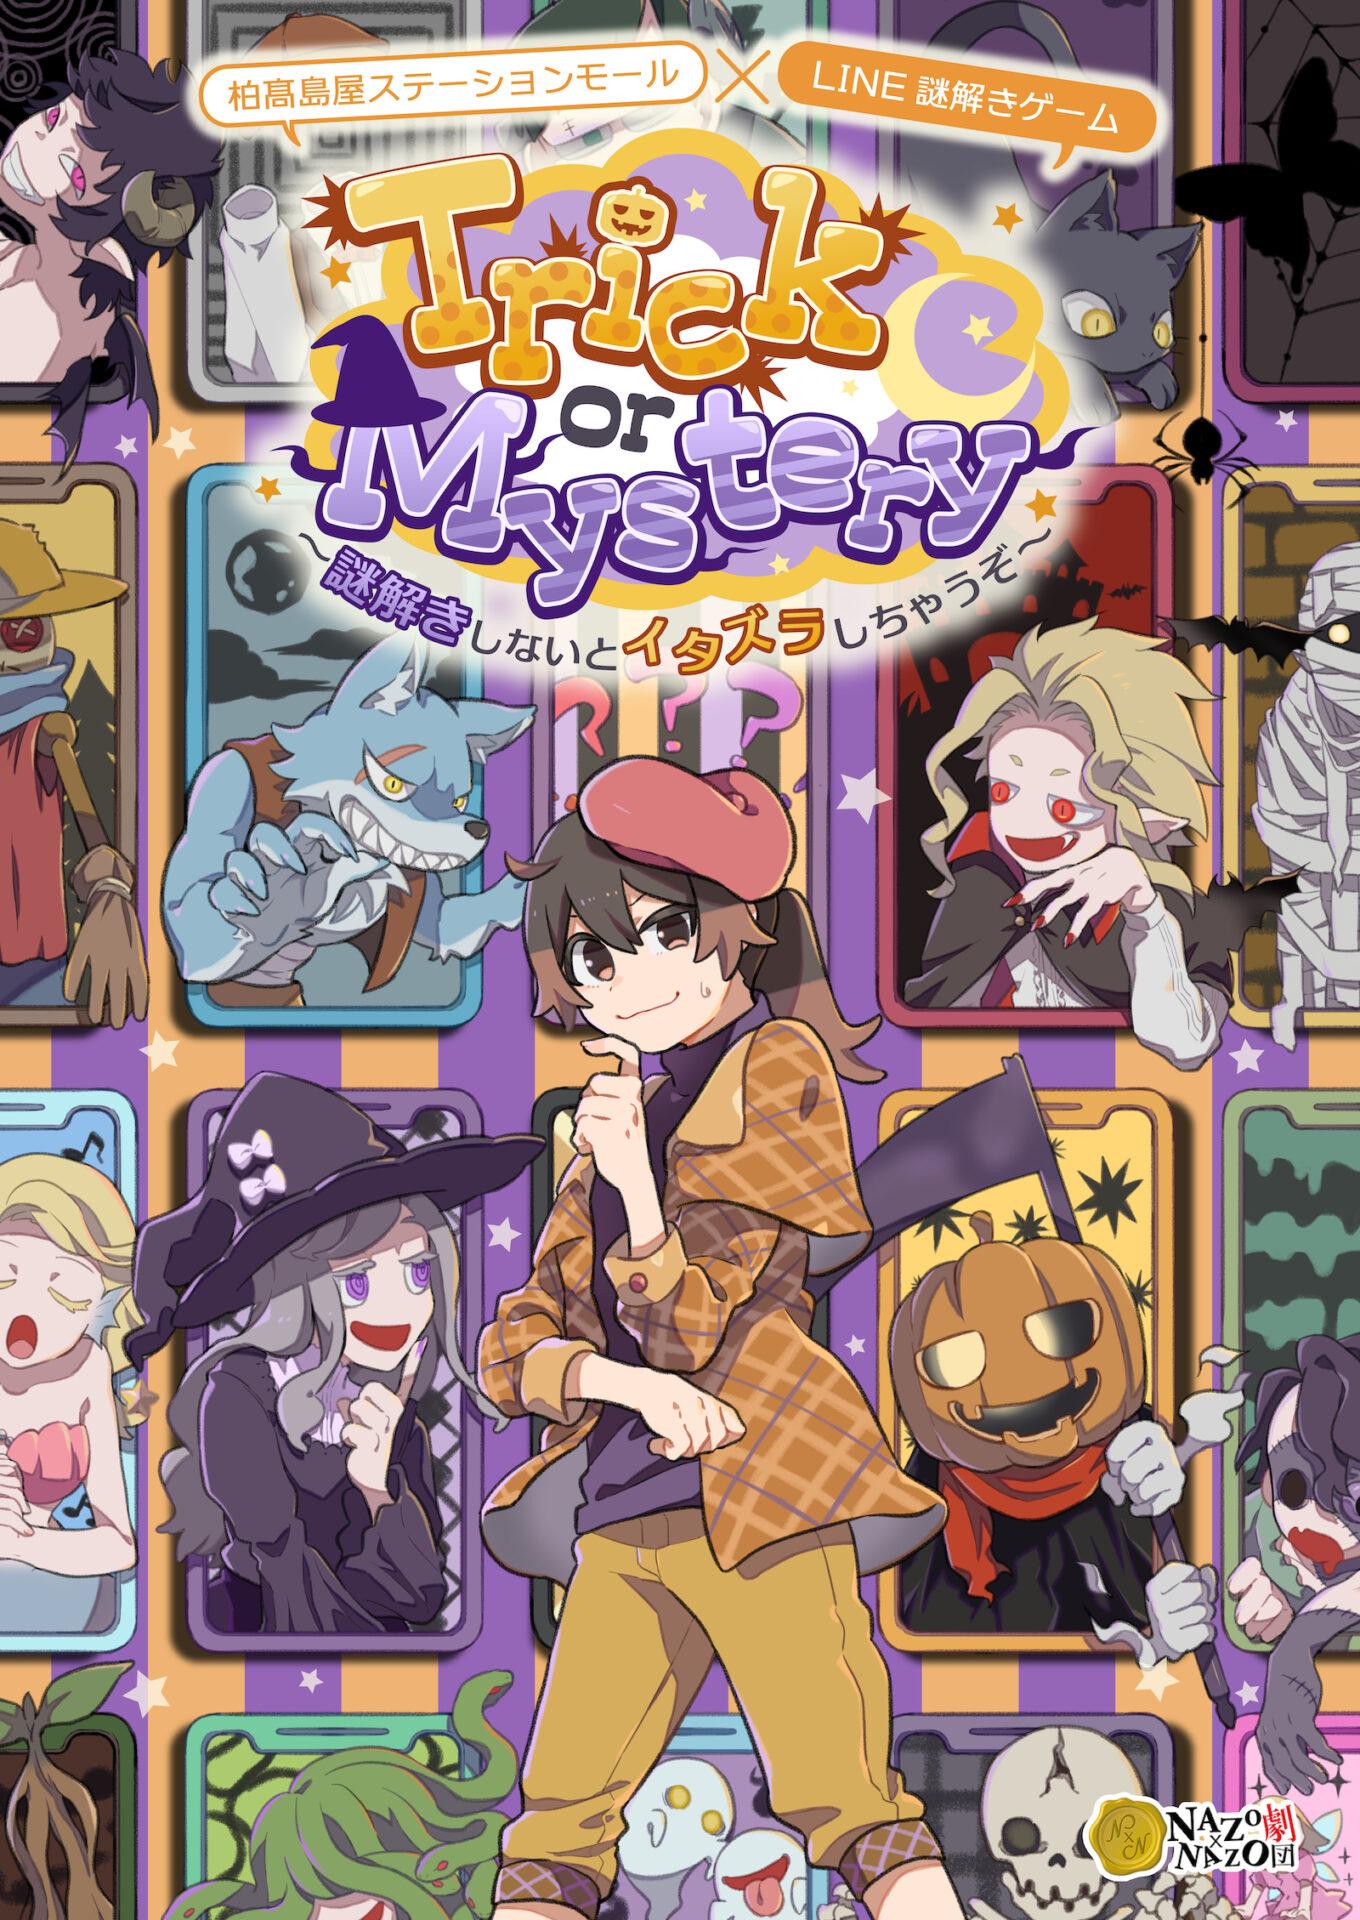 柏髙島屋ステーションモール×LINE謎解きゲーム「Trick or Mystery ~謎解きしないとイタズラしちゃうぞ~」